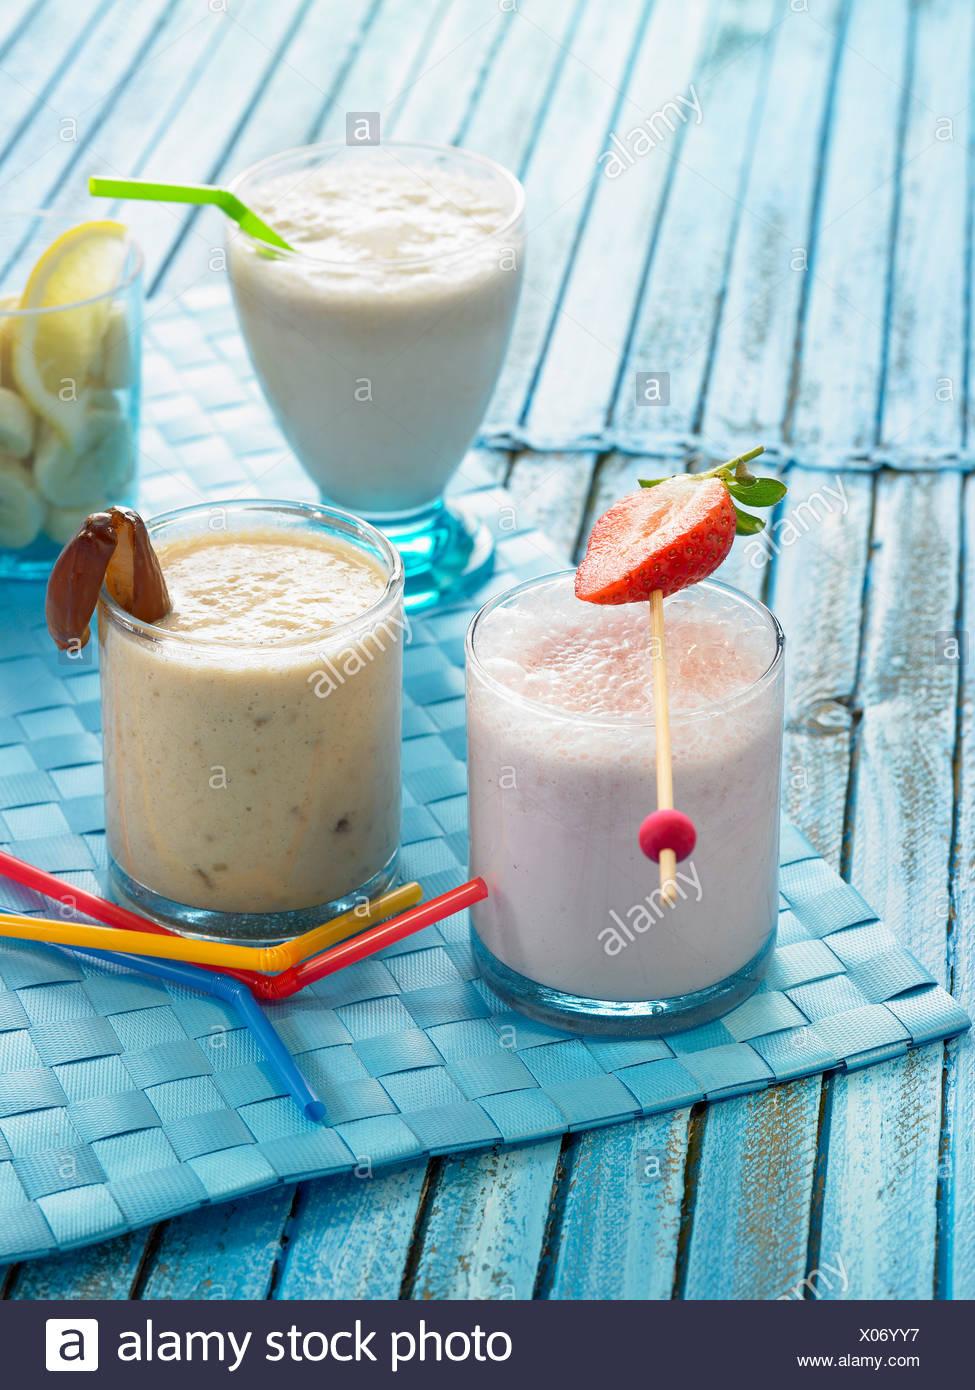 Milk Shakes Fraise Vanille Et Banane Banque Dimages Photo Stock